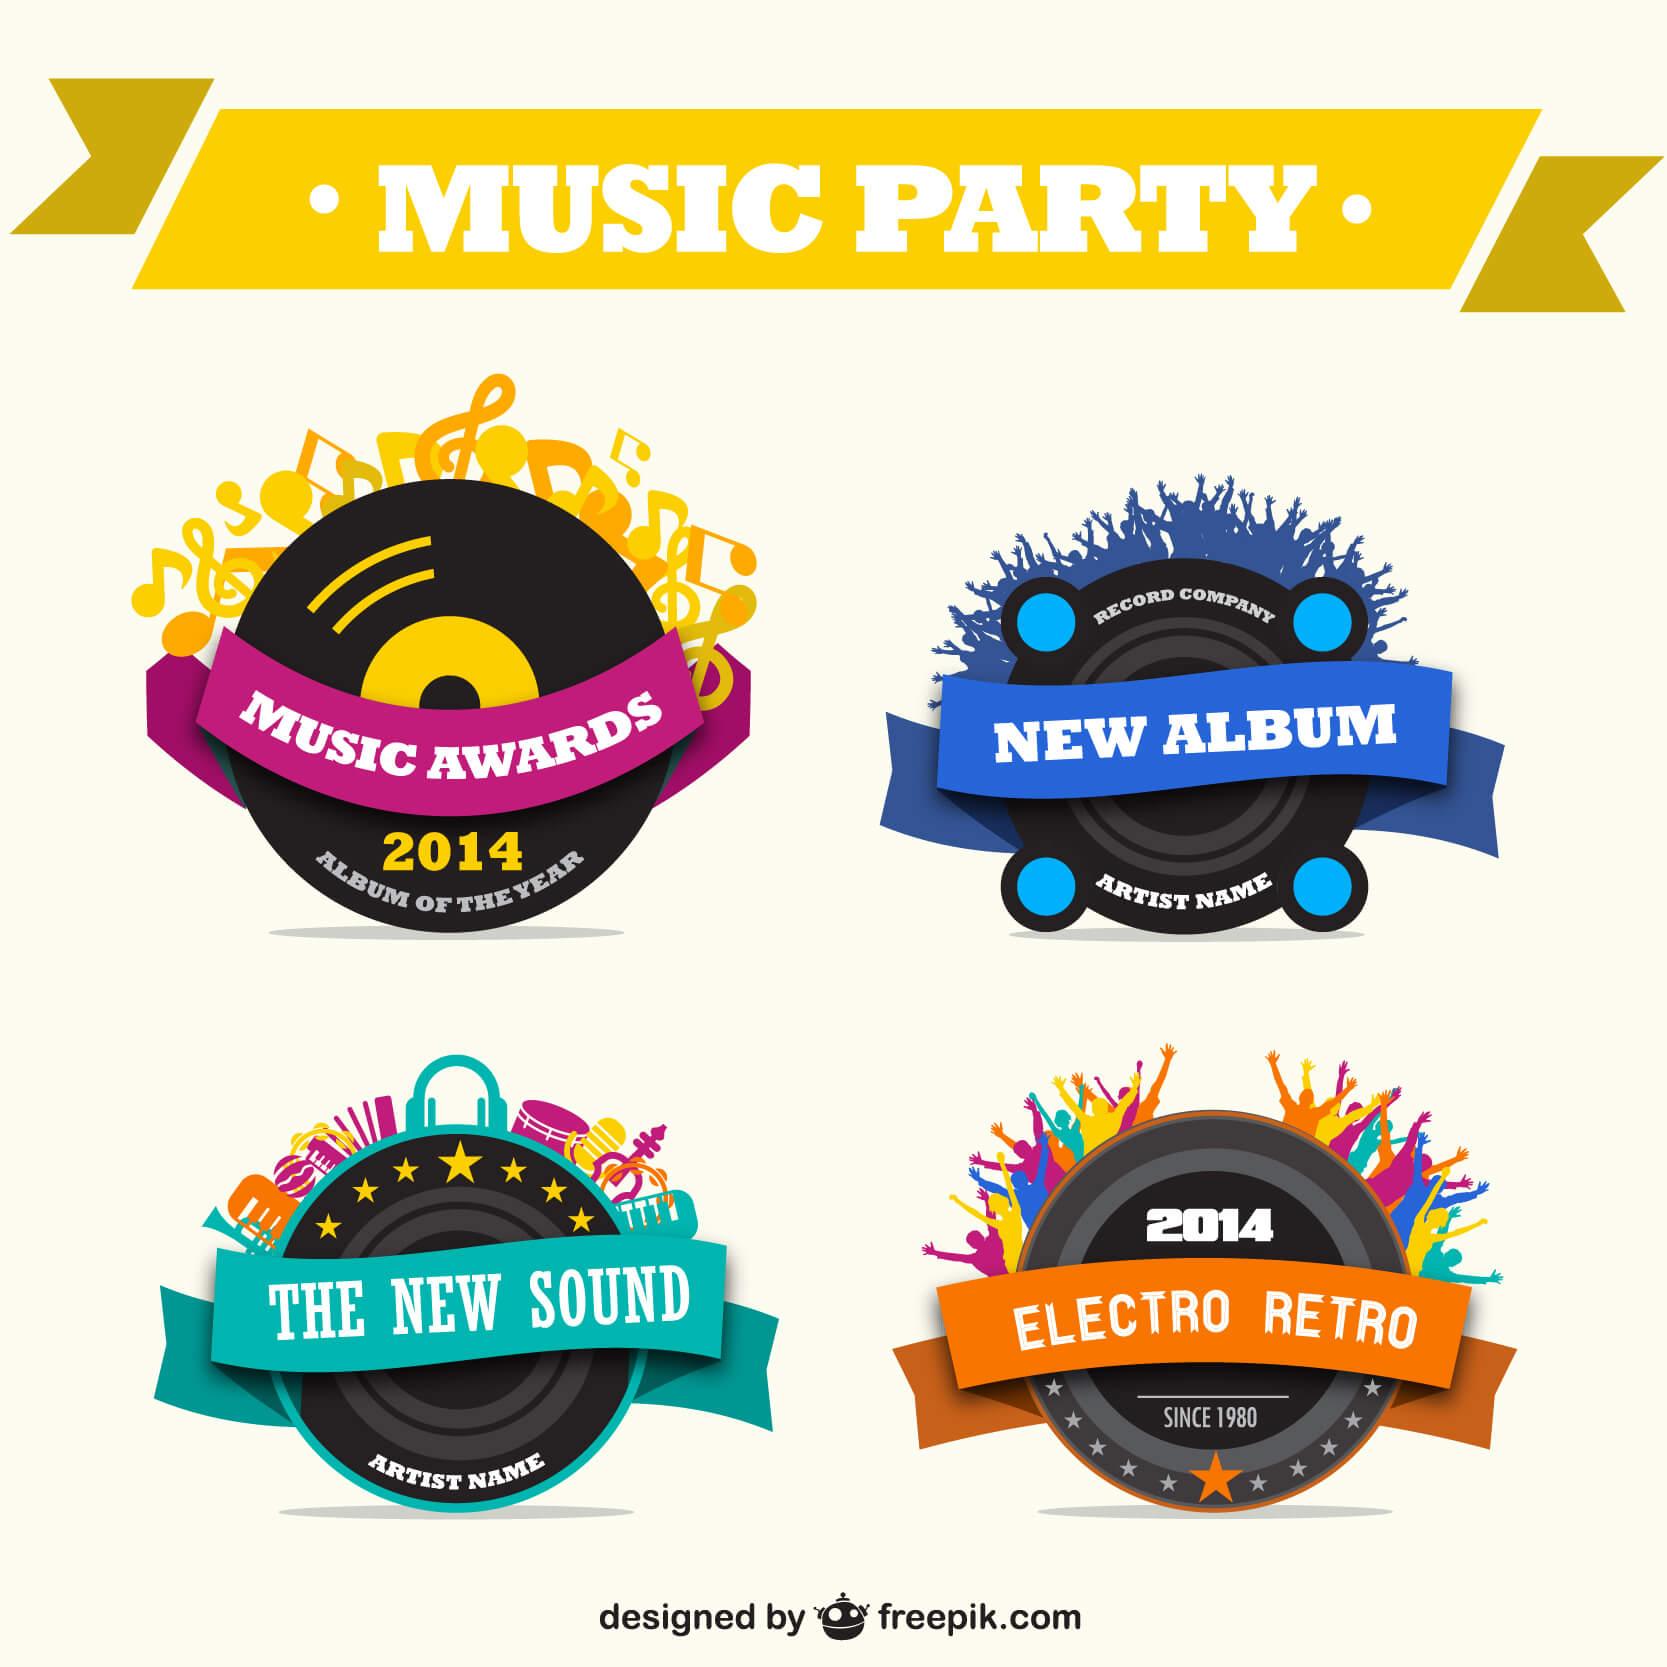 Website giới thiệu album ca nhạc, một kênh marketing tuyệt vời